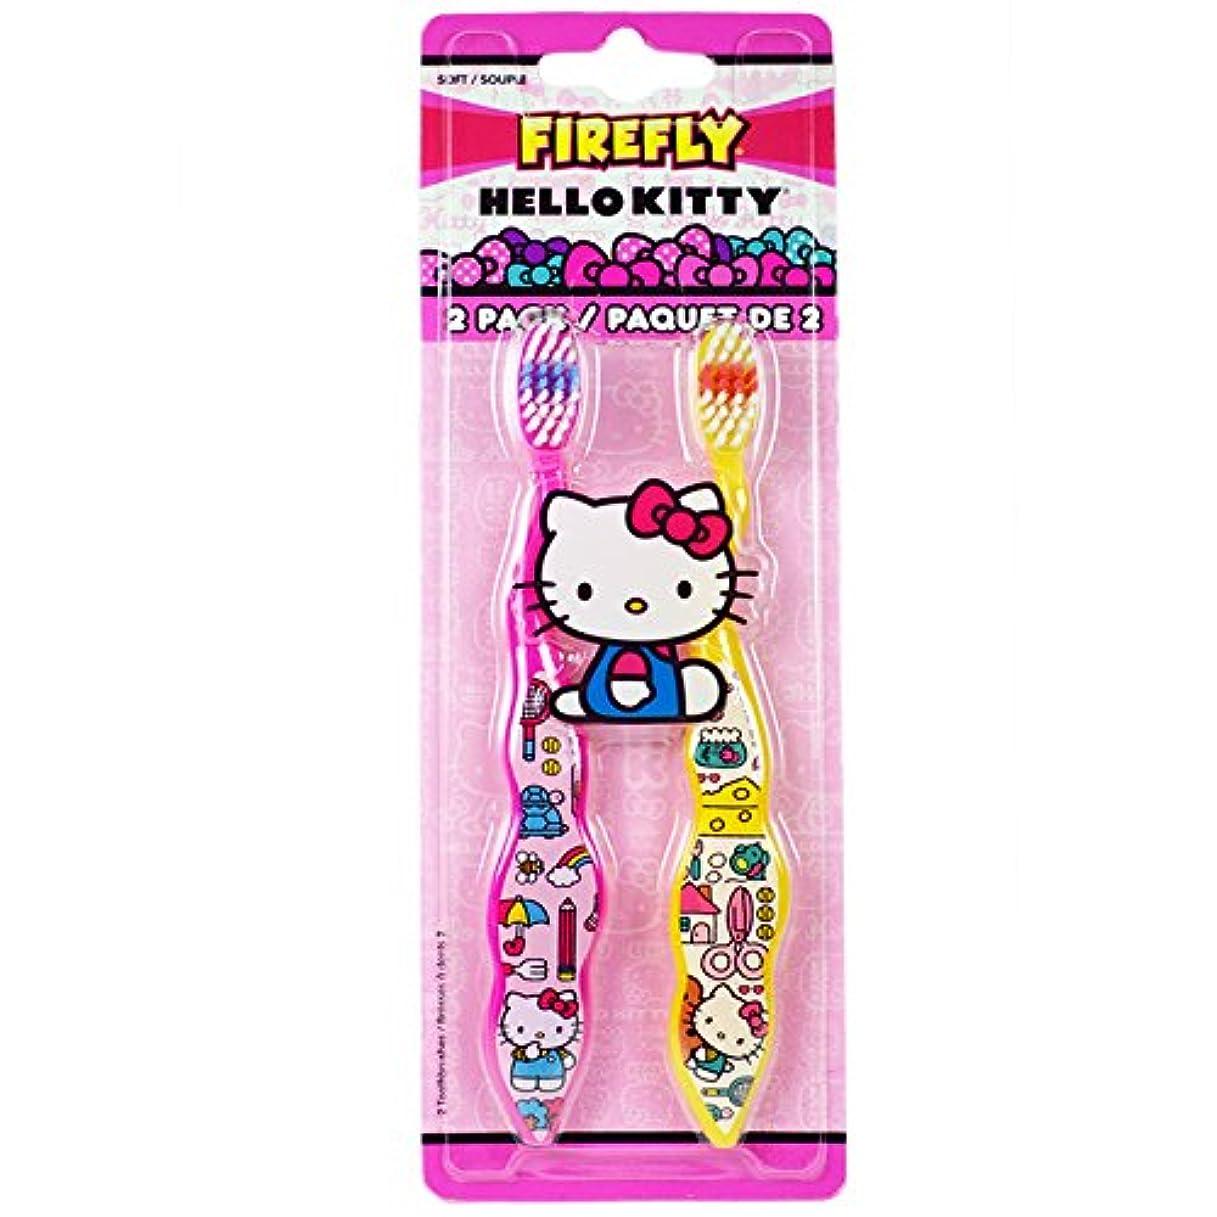 影響を受けやすいですアフリカ海洋のDr. Fresh Firefly Hello Kitty Toothbrush, Soft by Firefly